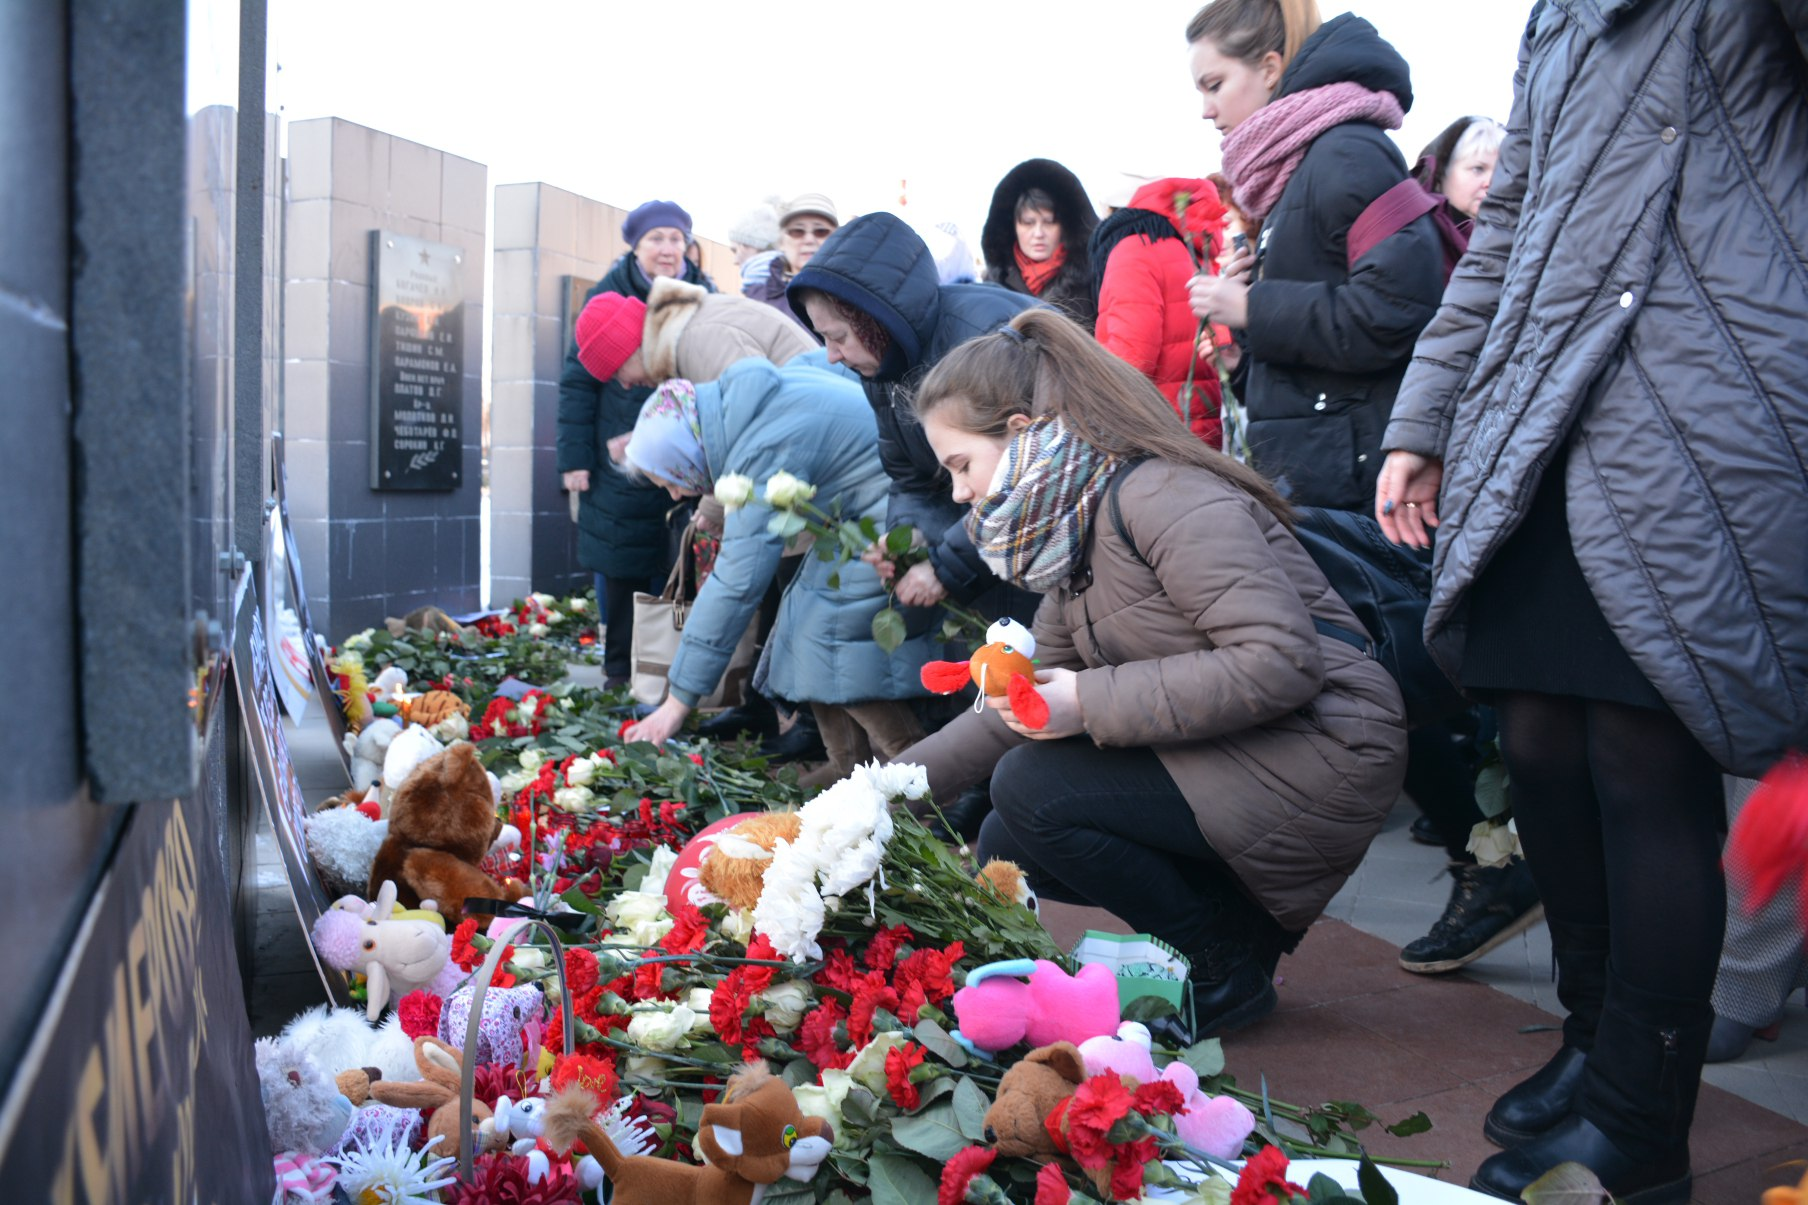 В день национального траура в Балабанове прошел митинг в память о погибших на пожаре в Кемерове